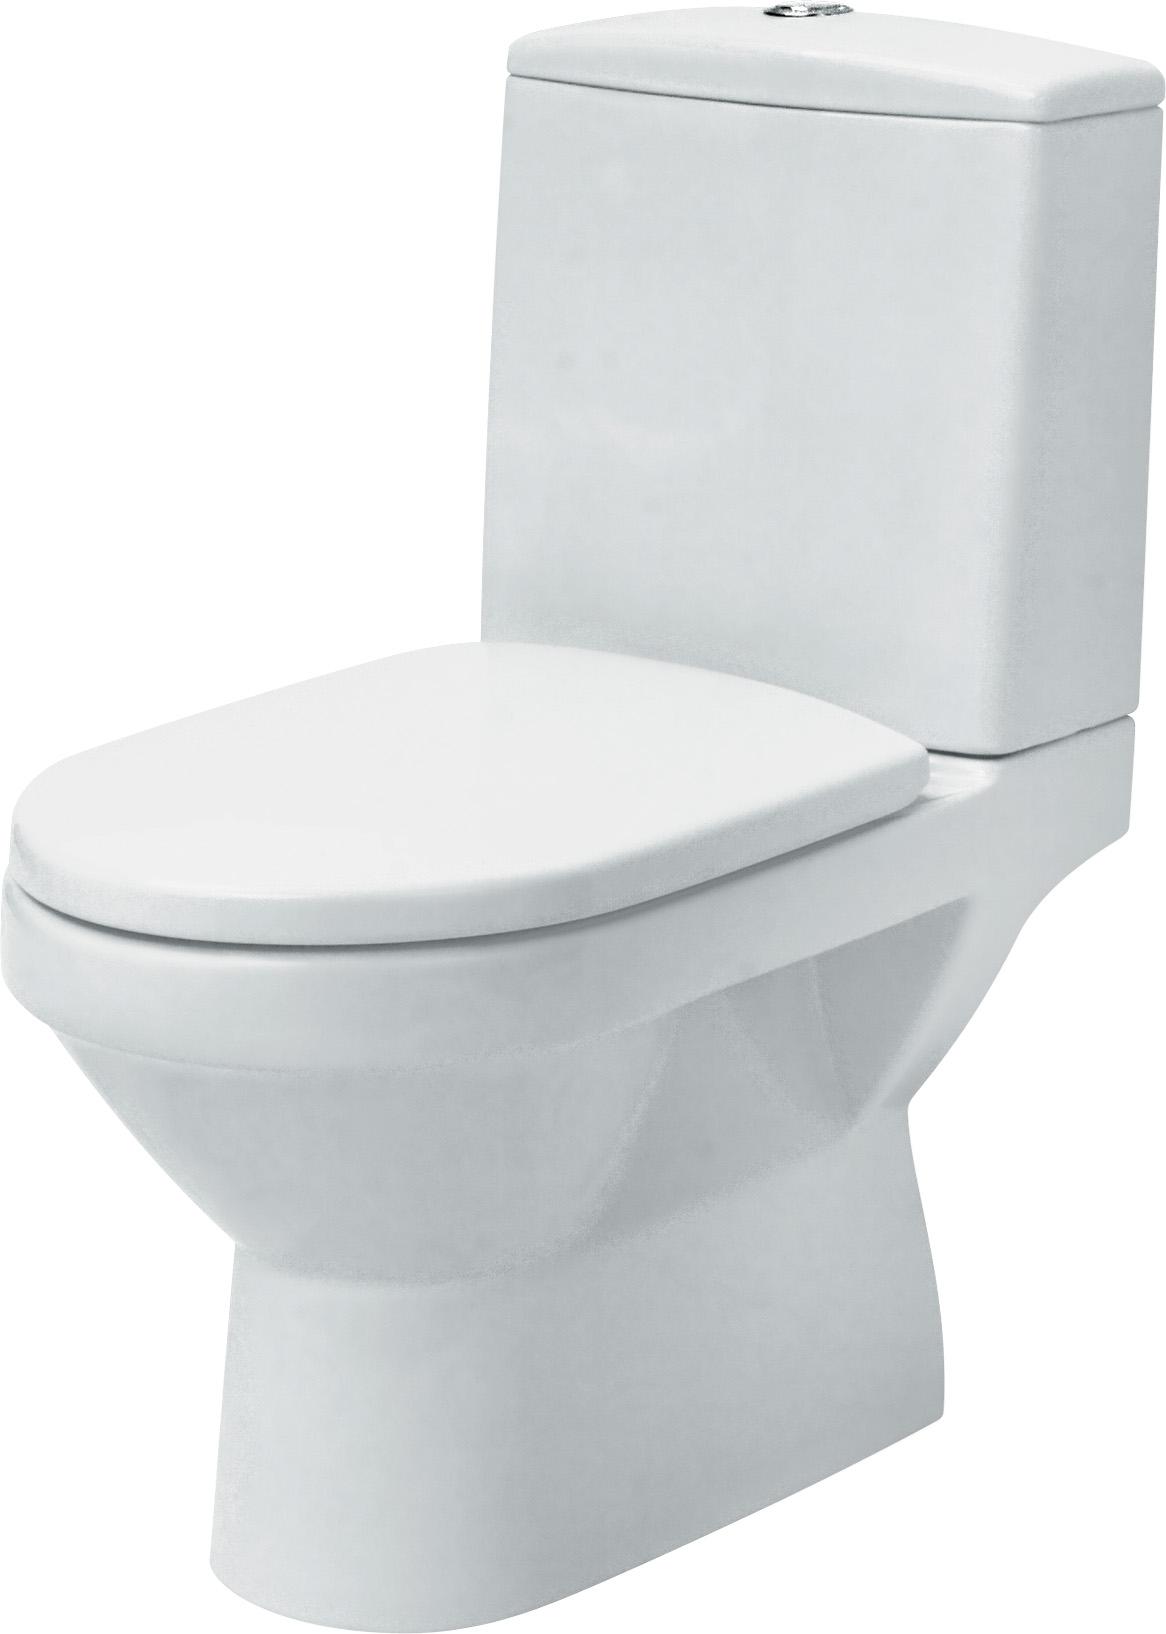 WC Kombi OLIMPIA - Odpad UNI Spodní/Zadní, bez sedátka - K10-011/12 CERSANIT K10-011/12